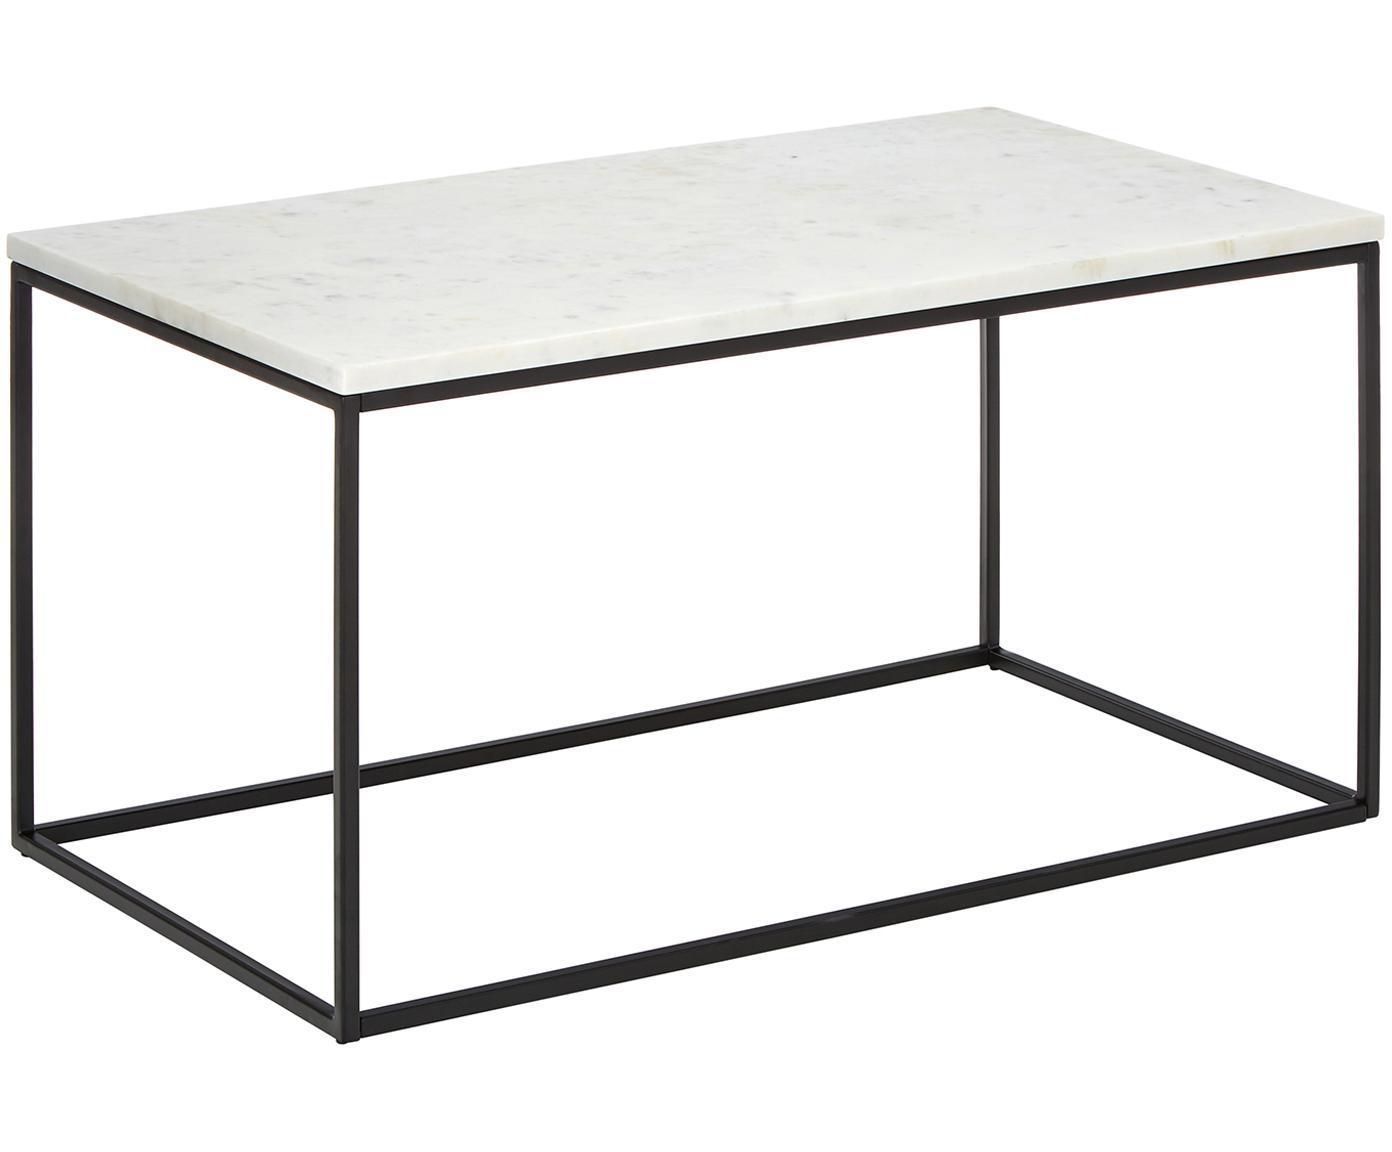 Marmeren salontafel Alys, Tafelblad: marmer, Frame: gepoedercoat metaal, Tafelblad: wit-grijs marmer. Frame: mat zwart, 80 x 45 cm